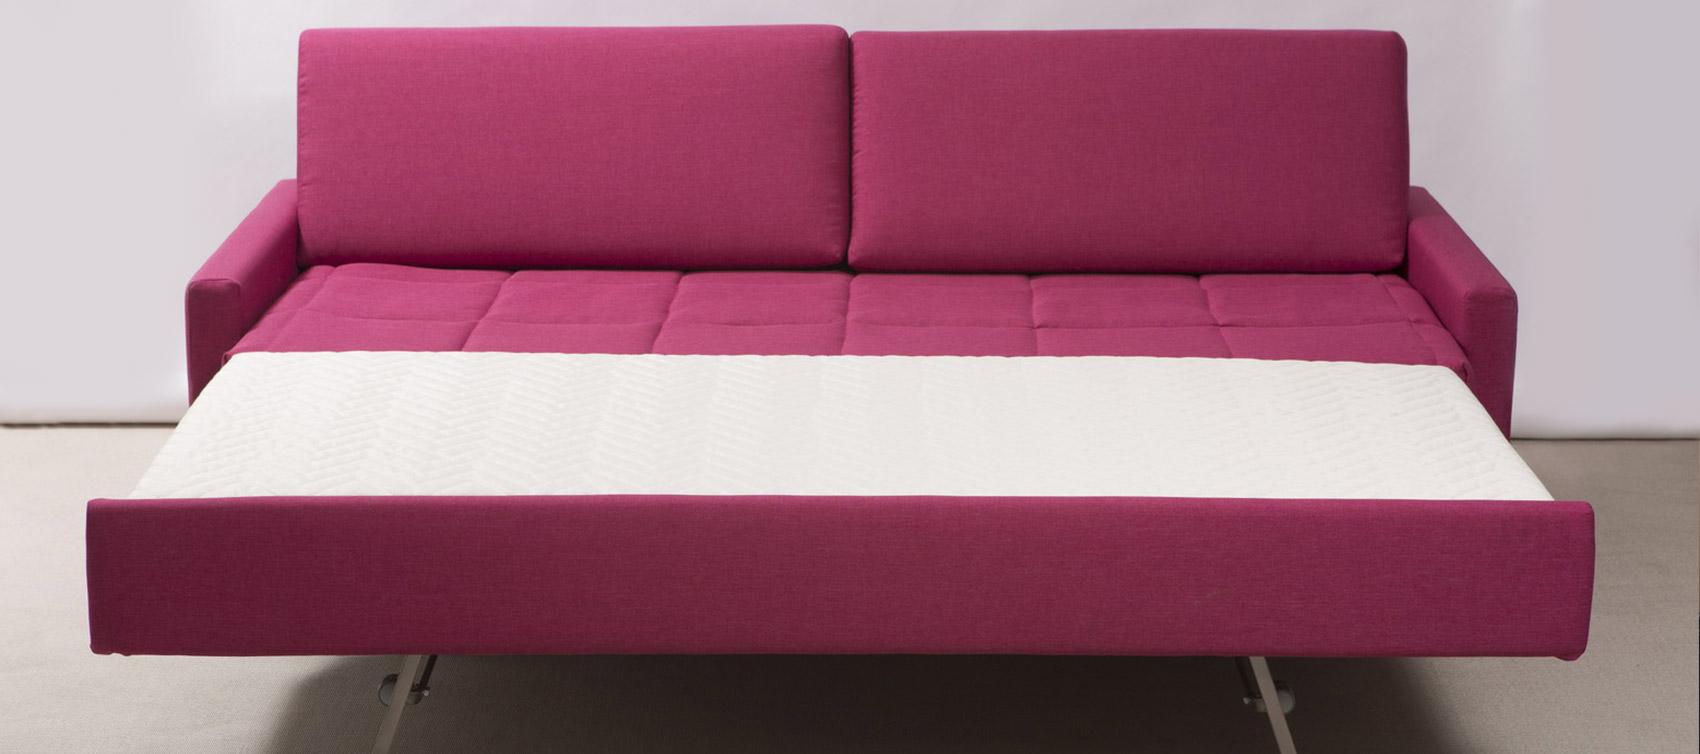 Divani letto centrodivani for Divani e divani divani letto